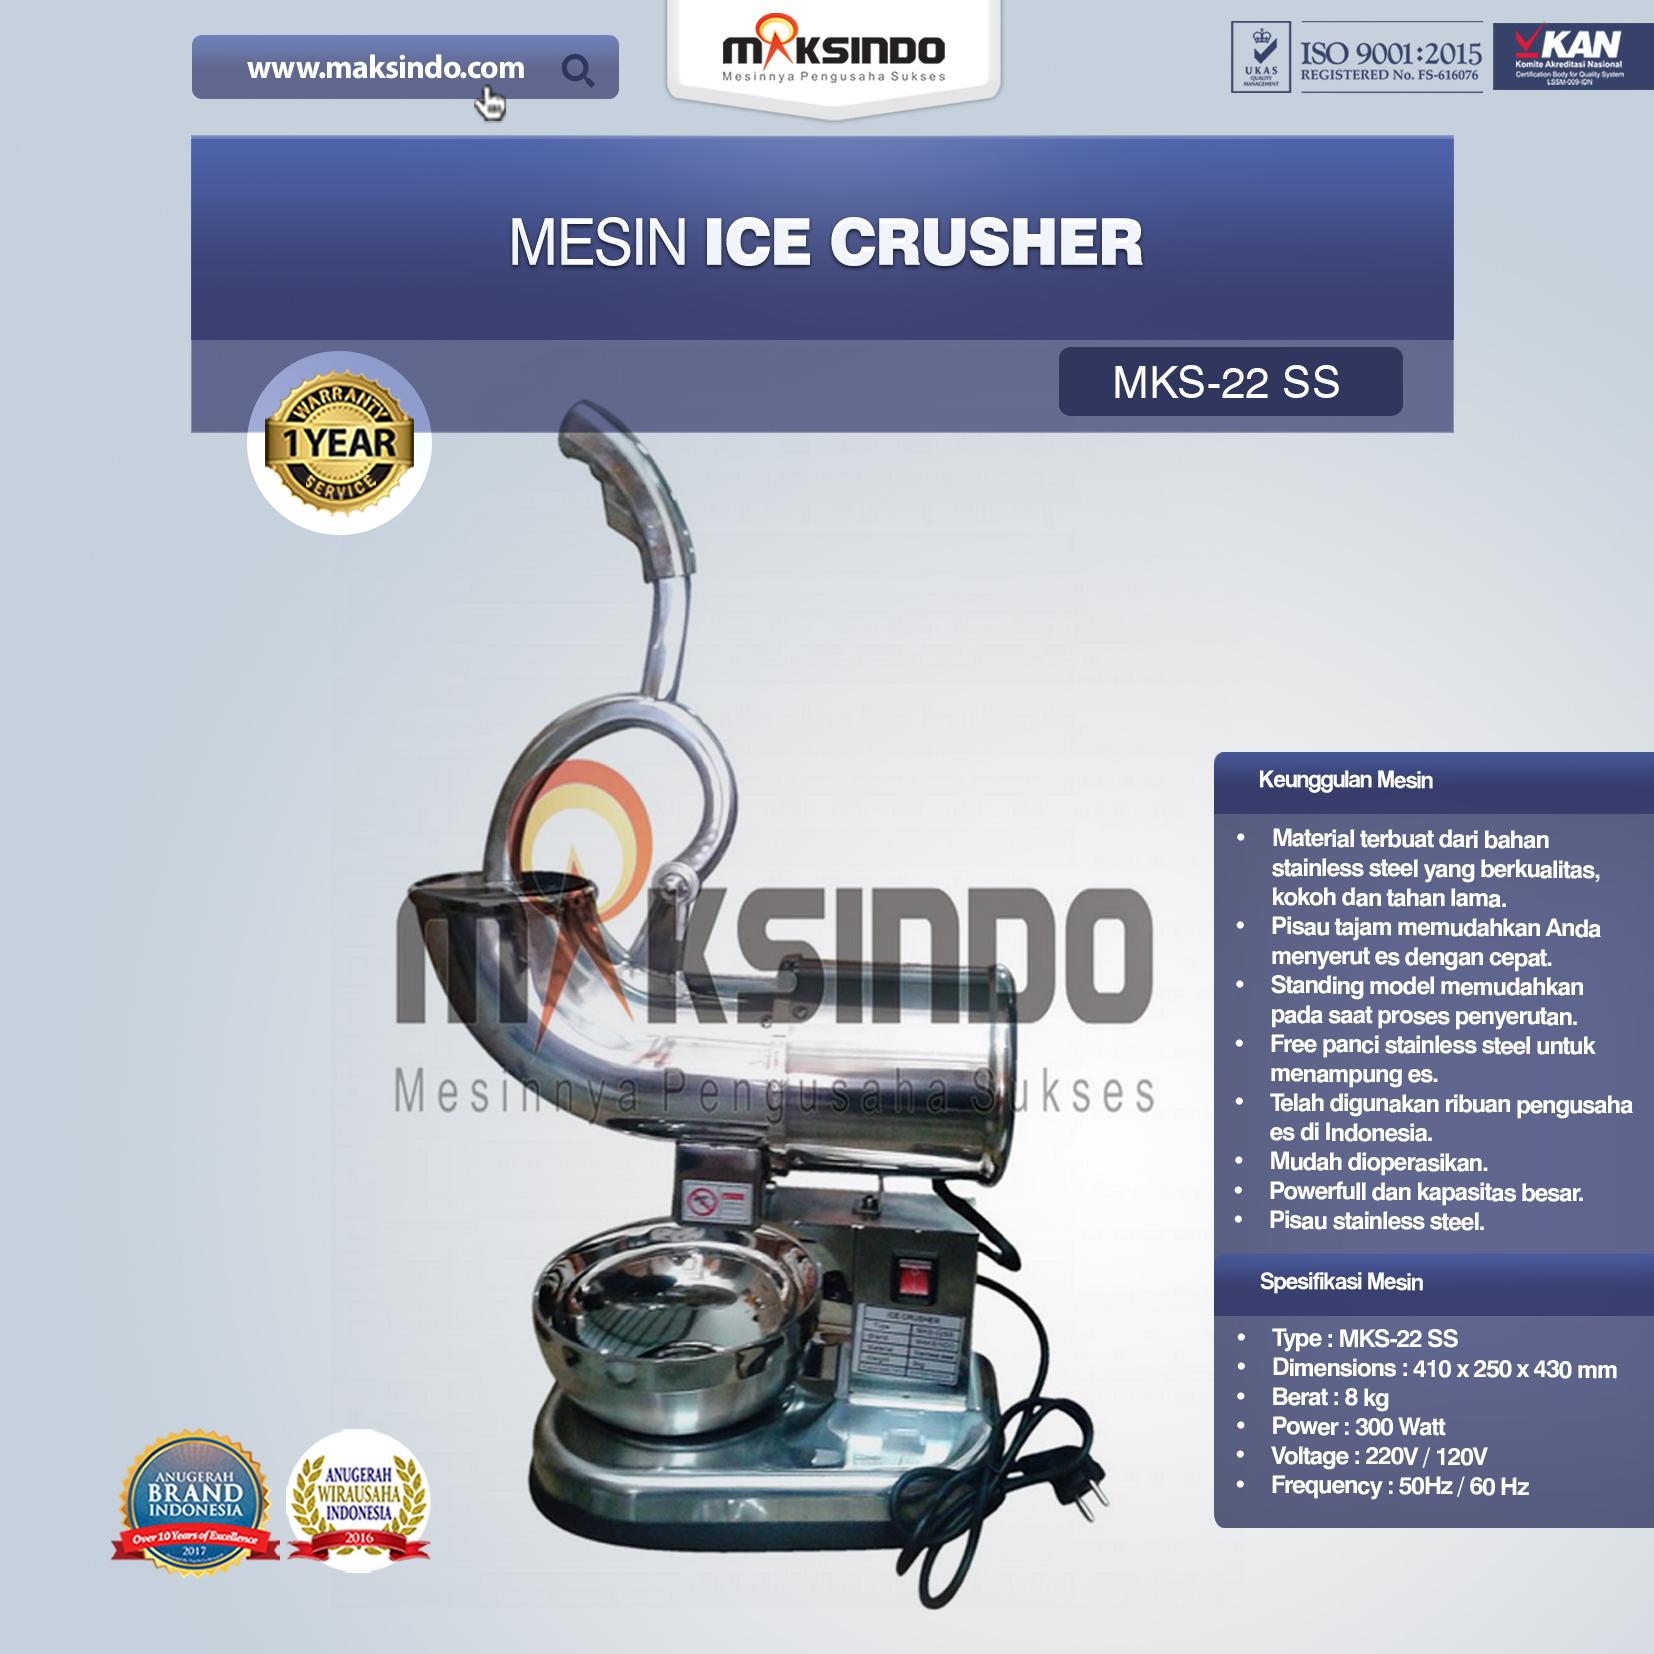 Jual Mesin Ice Crusher (MKS-22SS) di Bekasi